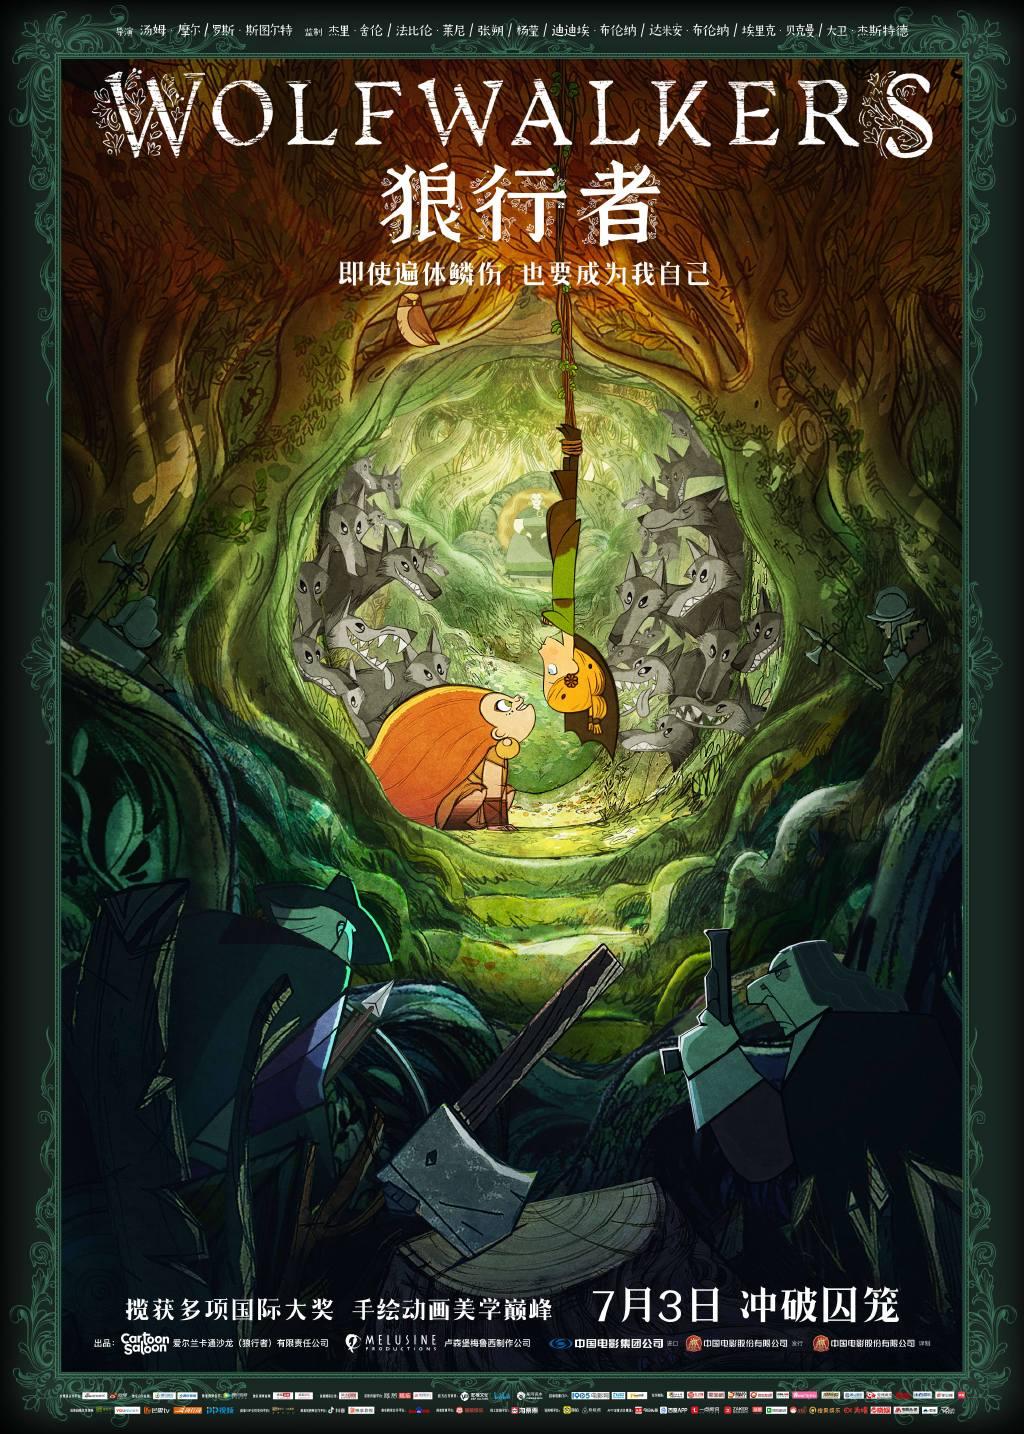 奥斯卡提名动画《狼行者》国内定档7月3日